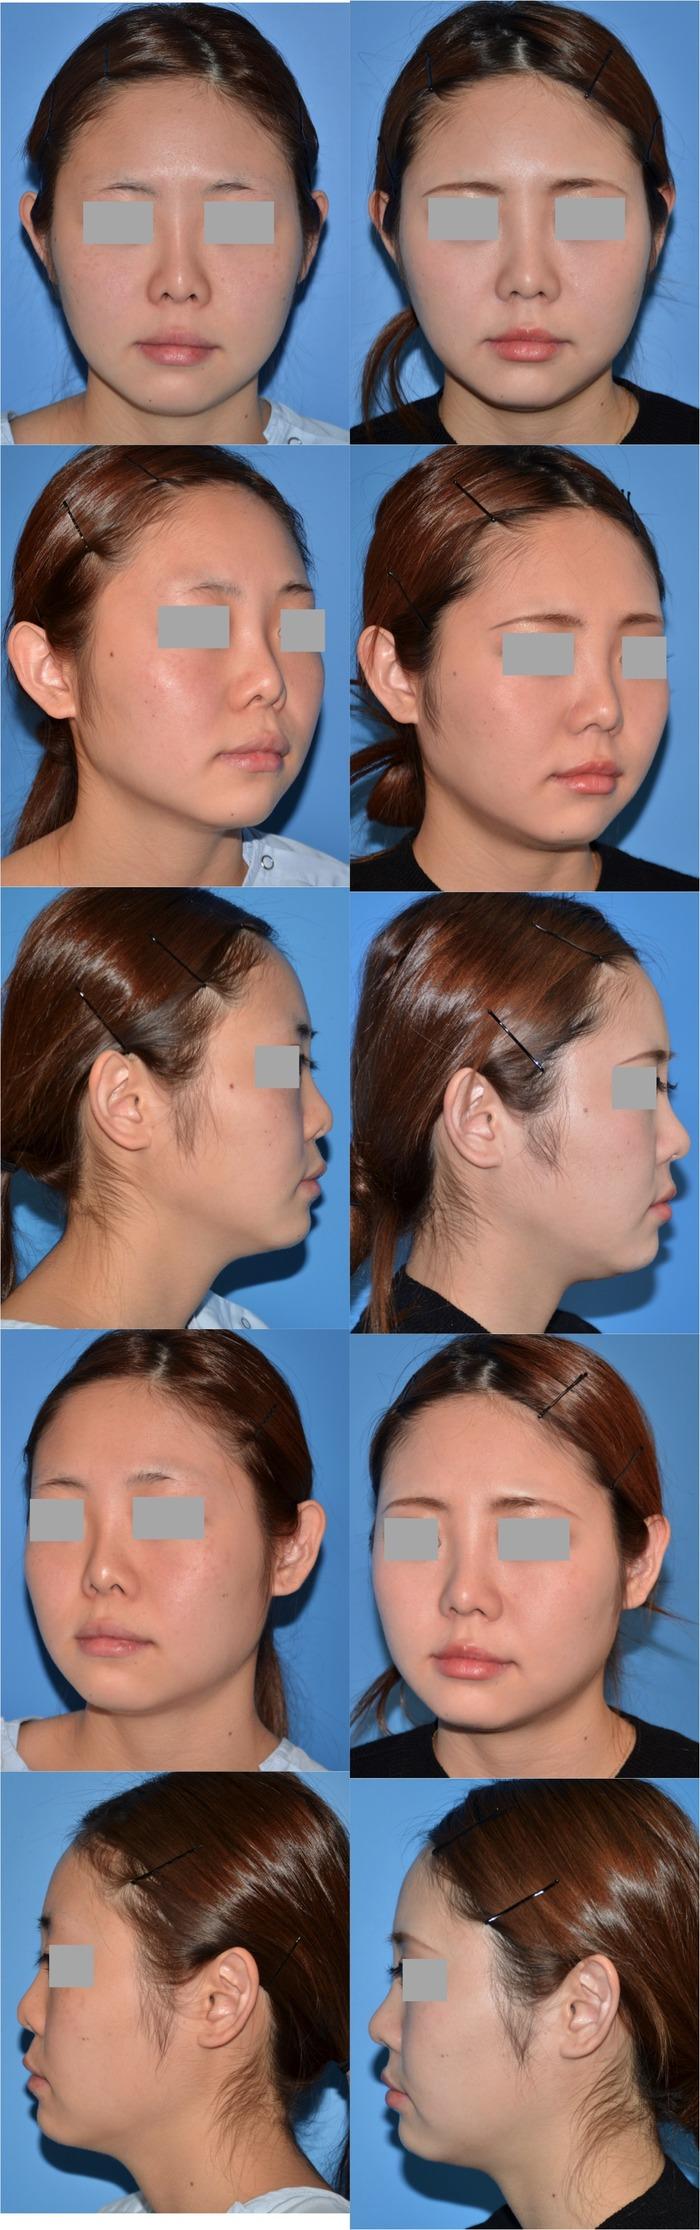 鼻中隔延長術 鼻孔縁下降術 隆鼻術 術後1ヶ月